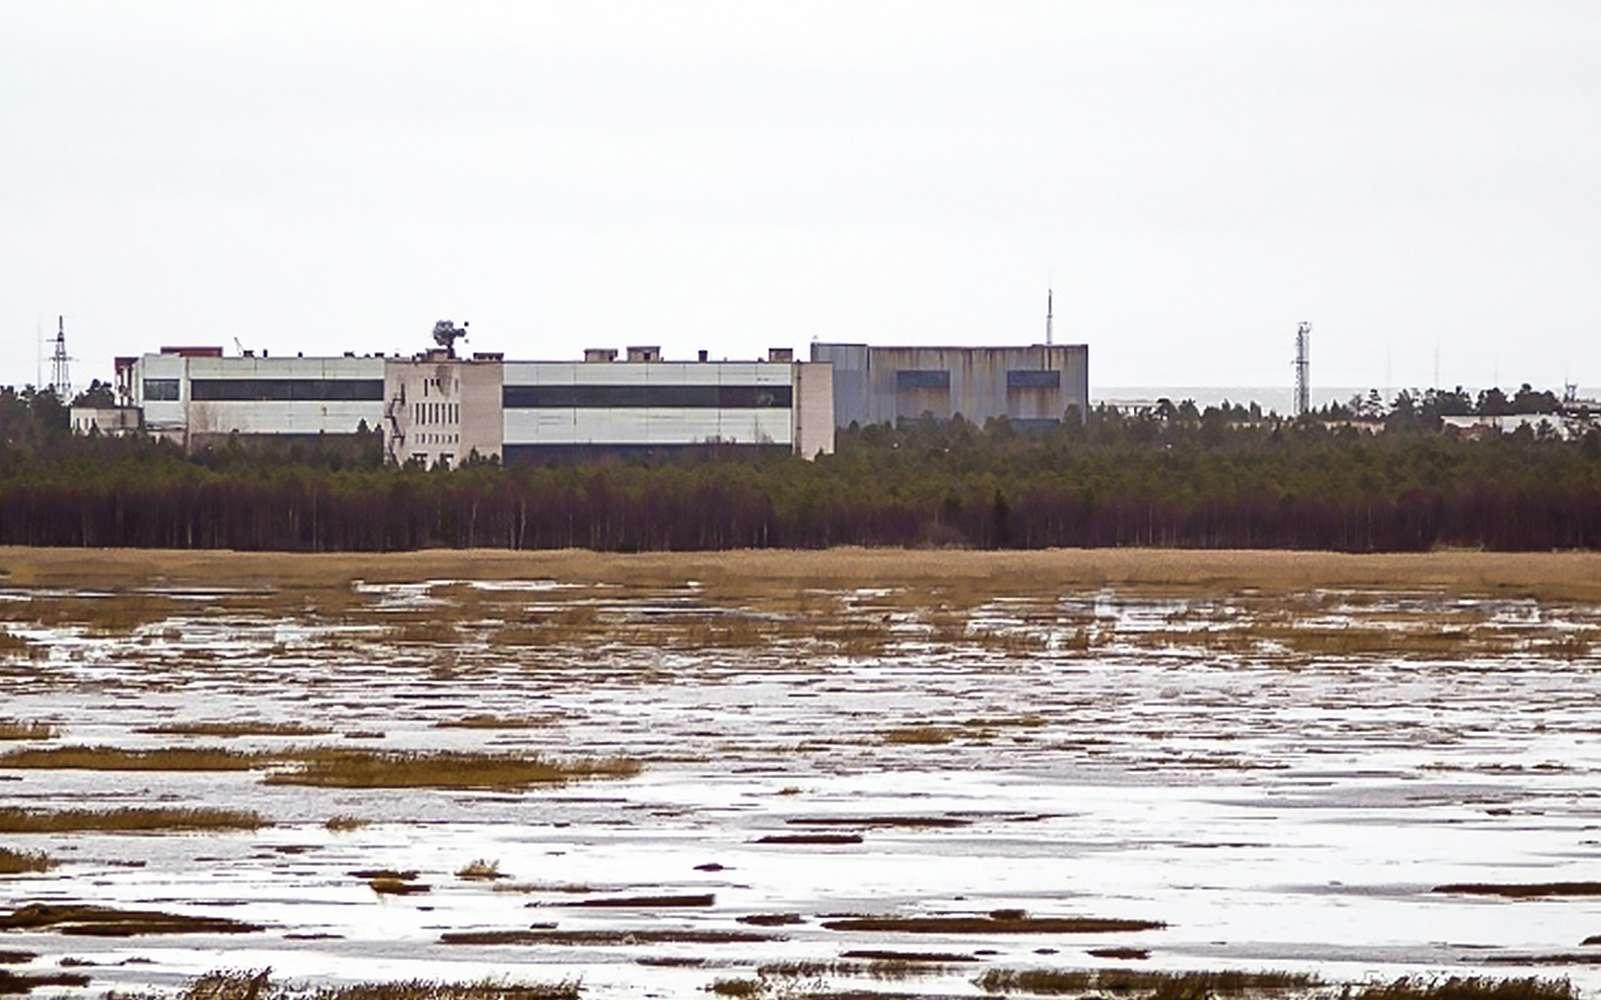 La base de lancement de missiles de Nionoska, le 9 novembre 2011 dans la région d'Arkhangelsk, dans le Grand Nord russe. © AFP, Archives